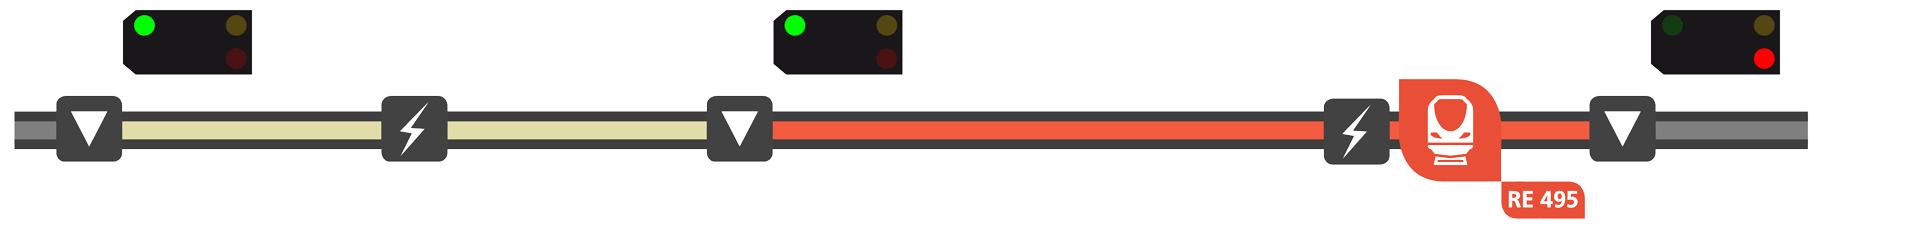 Visualisierung der ALAN Blocksignalisierung - Bild 06 von 18